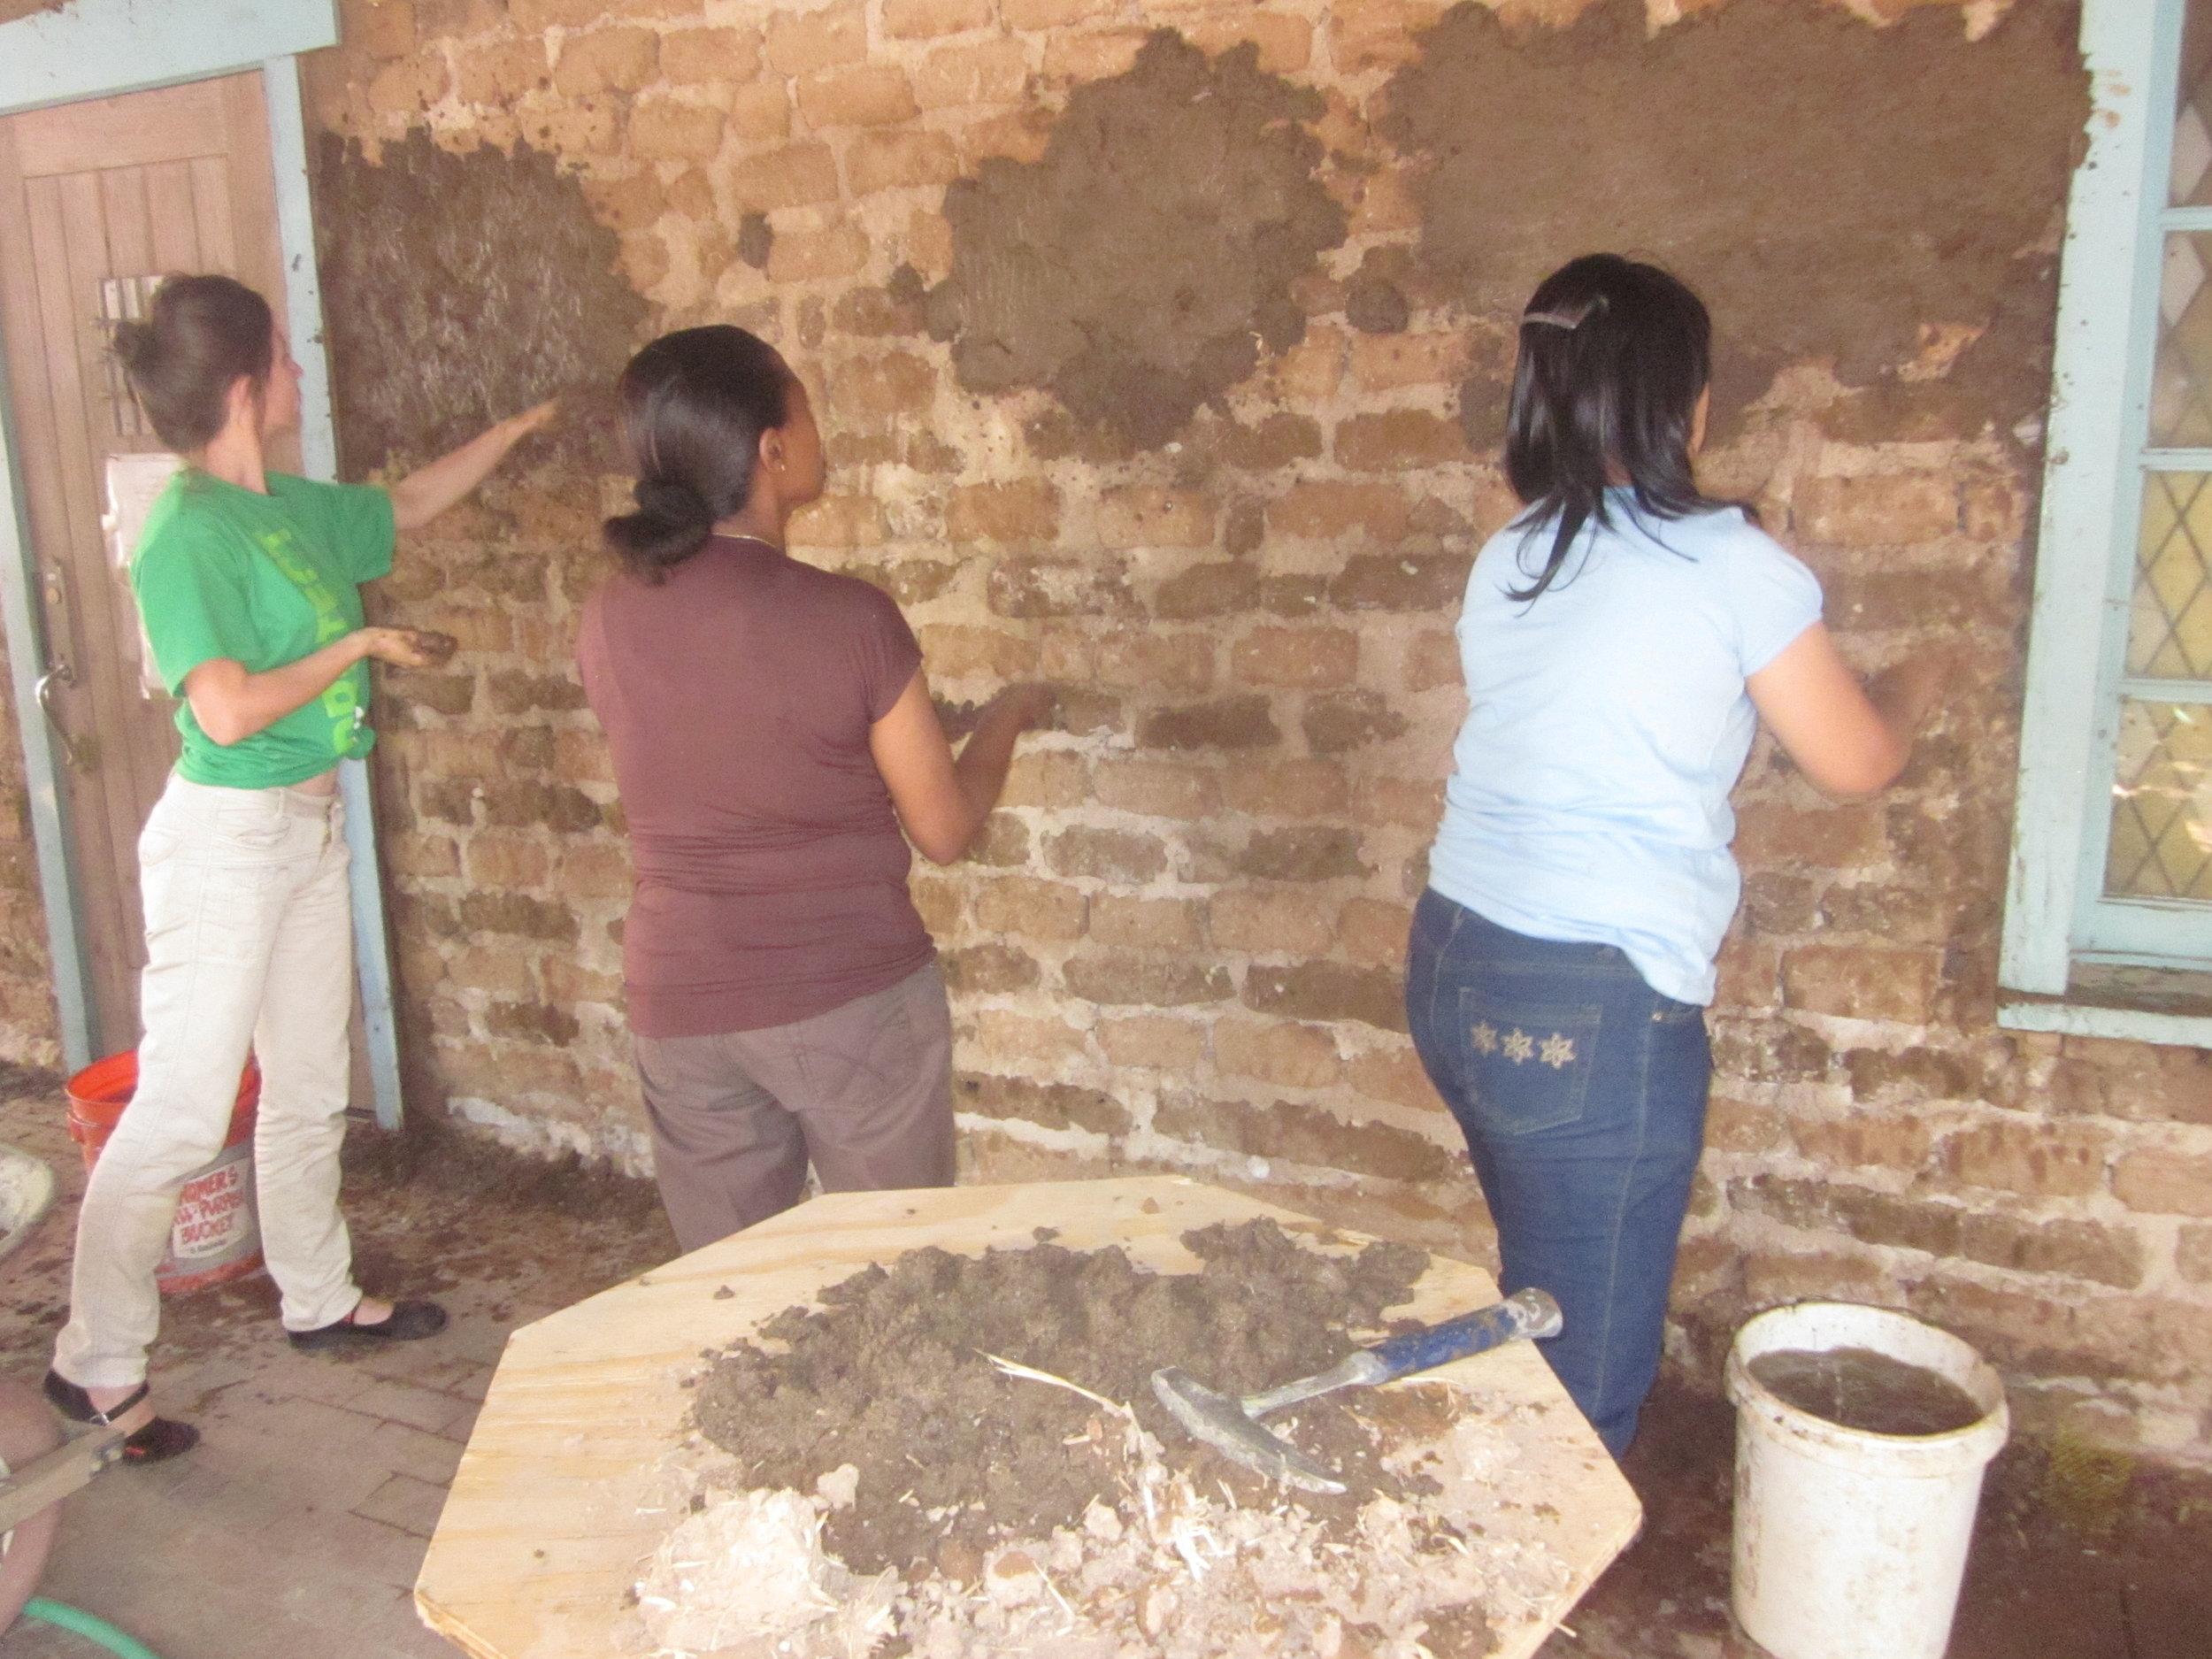 San-Miguel-volunteers-mudding-so-wall-2012.jpg